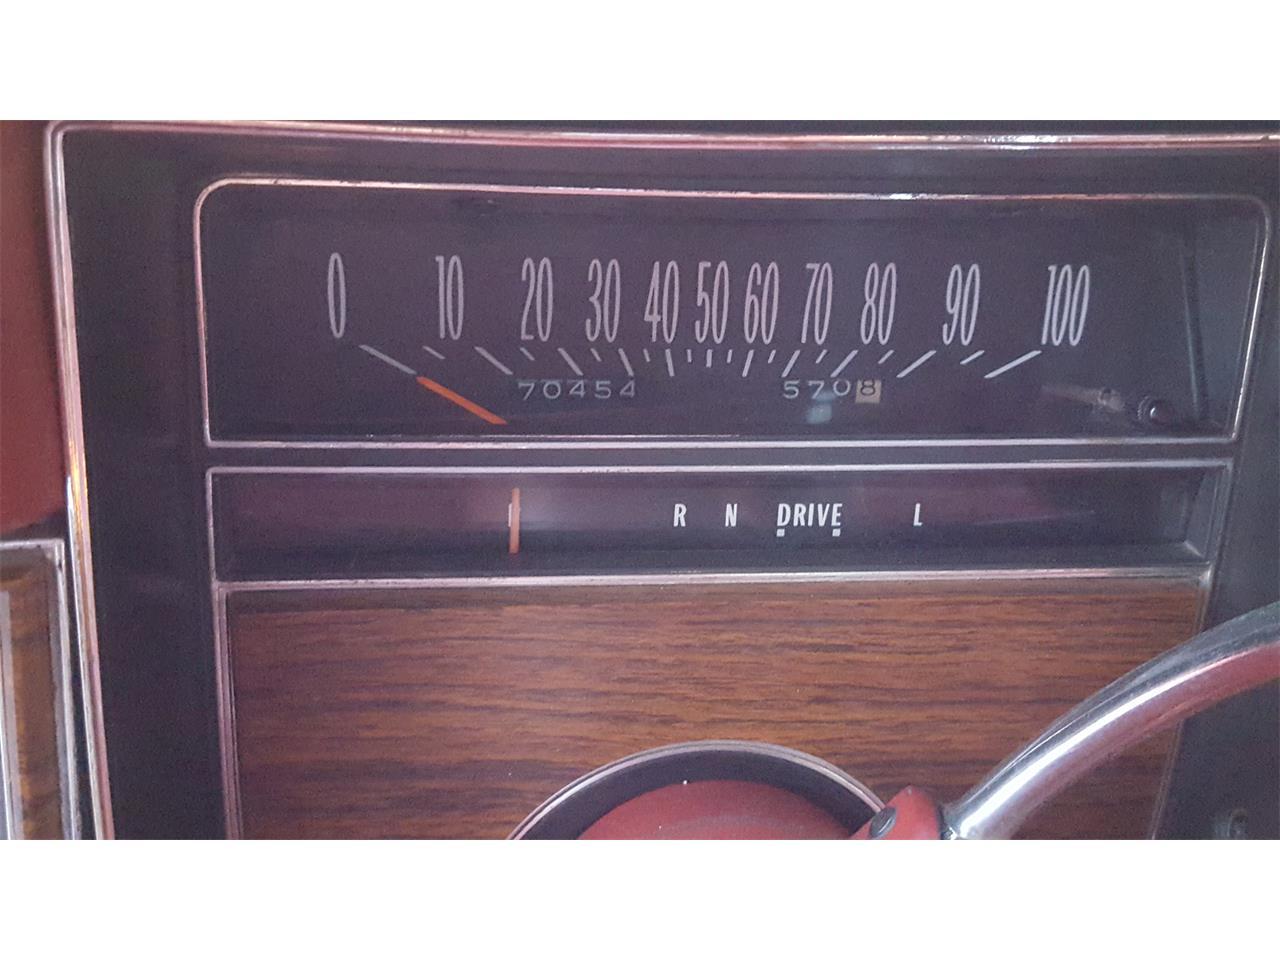 Large Picture of 1976 Cadillac Eldorado located in Texas - $19,900.00 - GA9P